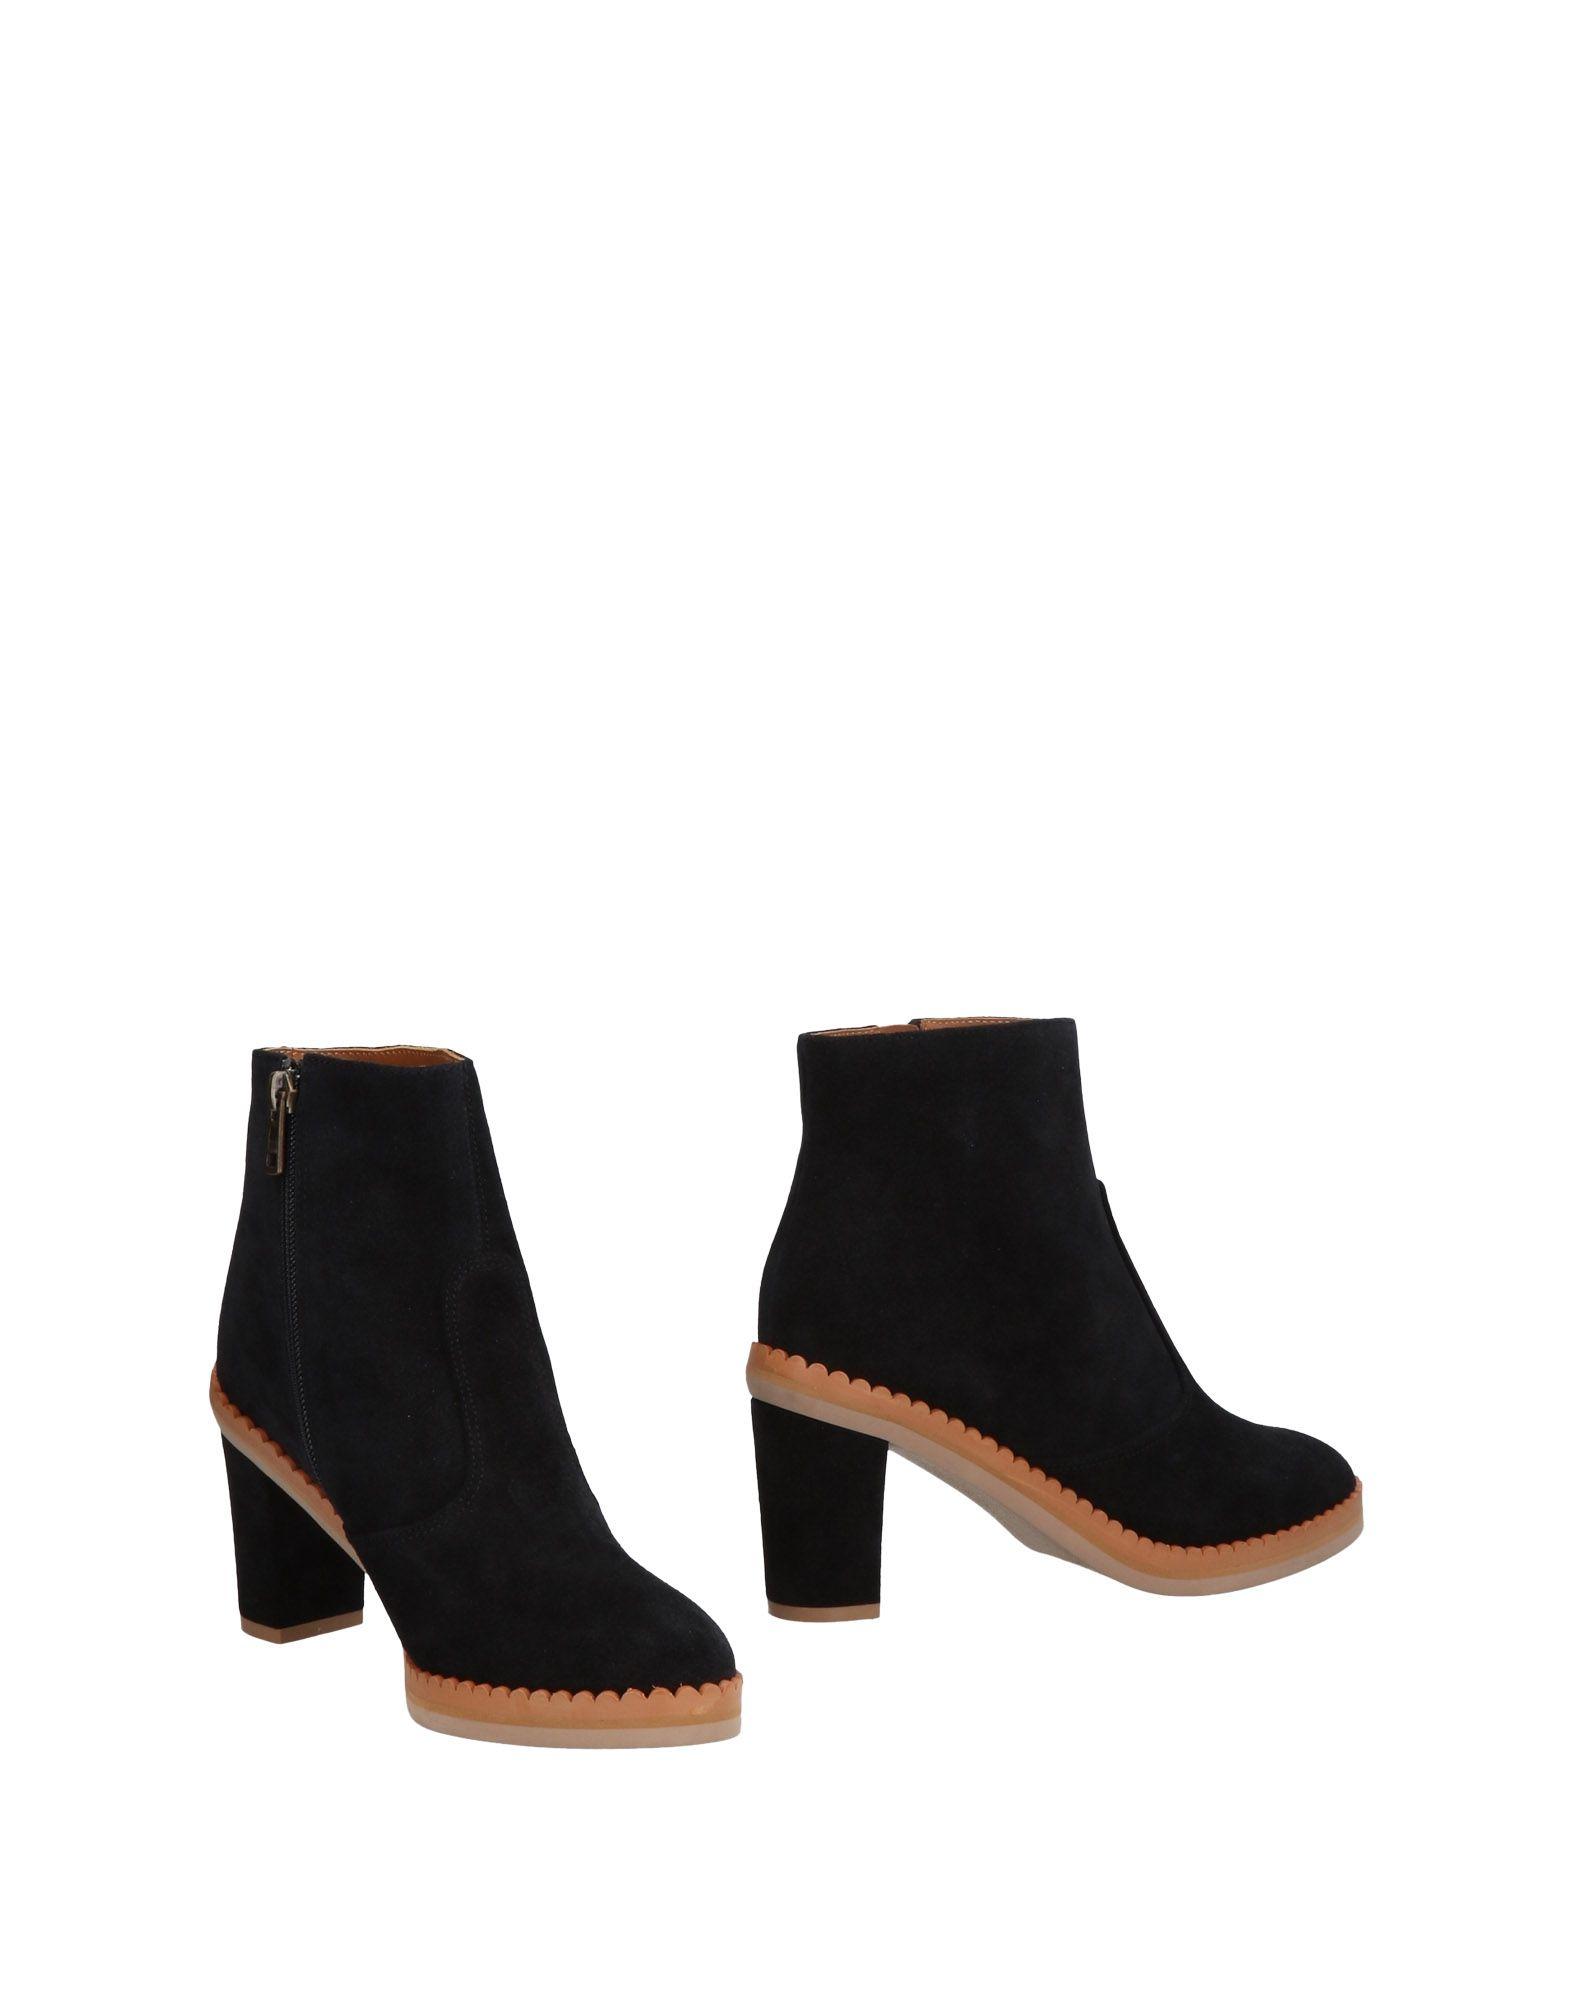 Rabatt Schuhe See  By Chloé Stiefelette Damen  See 11467343FS 96f261